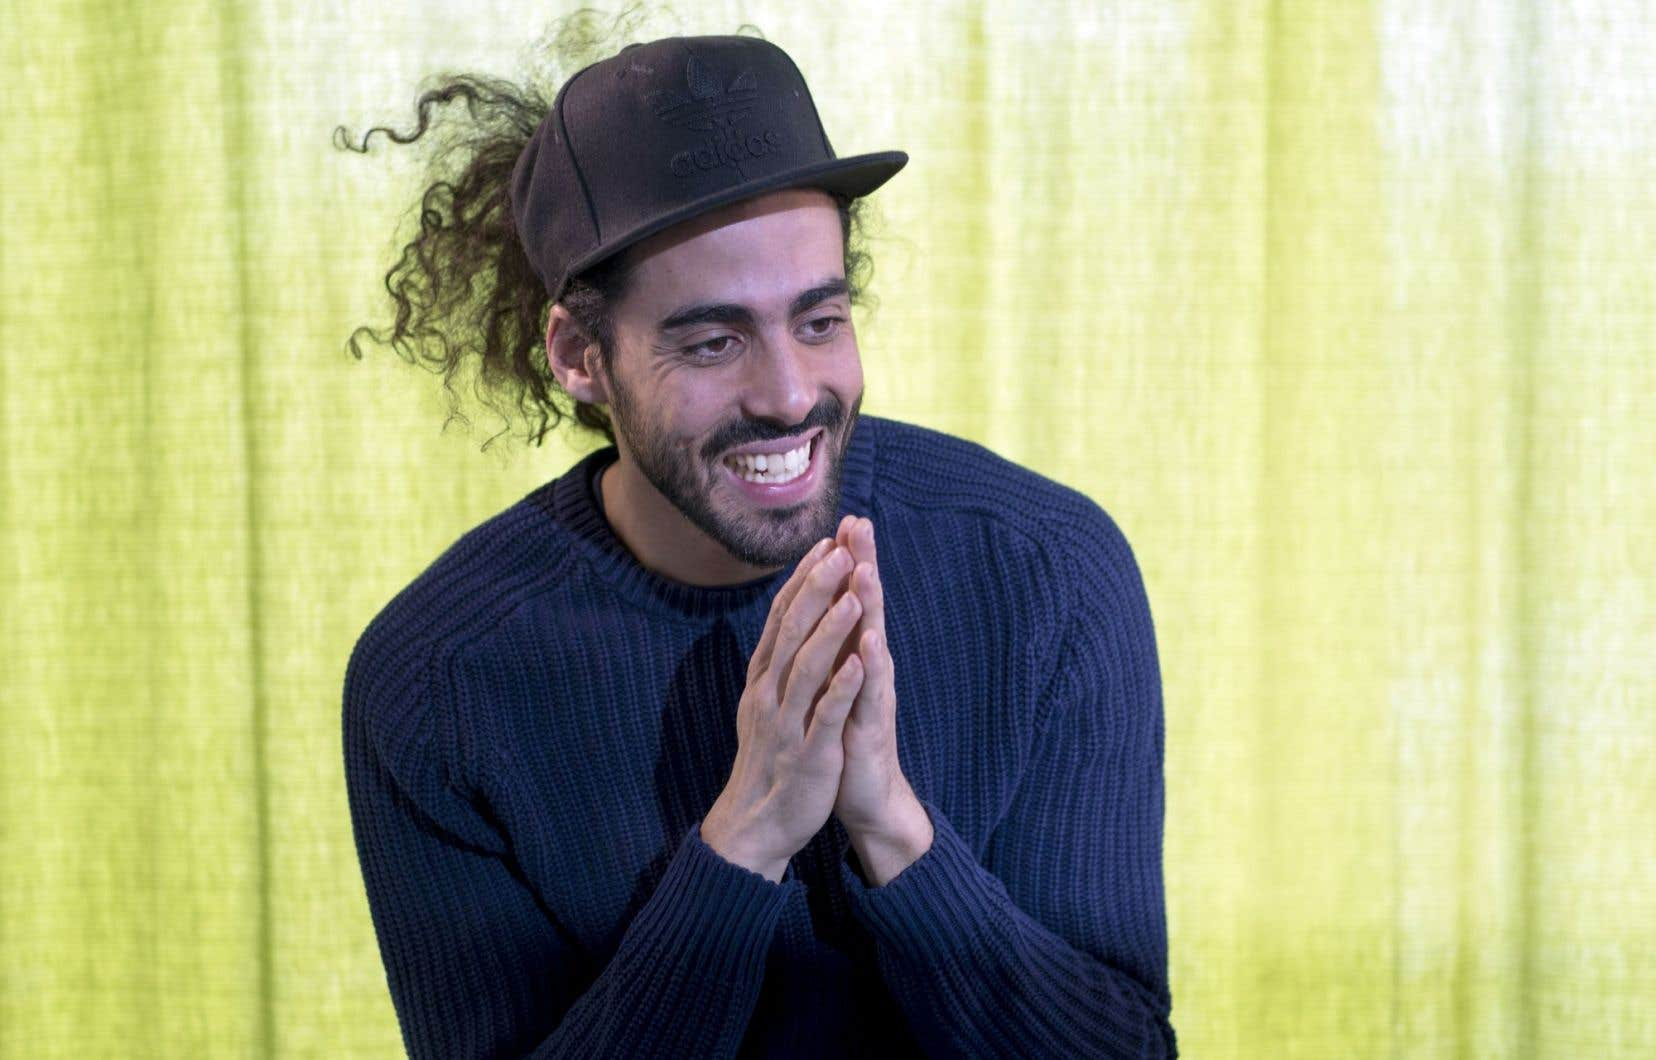 Pour Adib Alkhalidey, le but de la scène est de dire des choses qui nous donnent envie de mieux vivre ensemble.